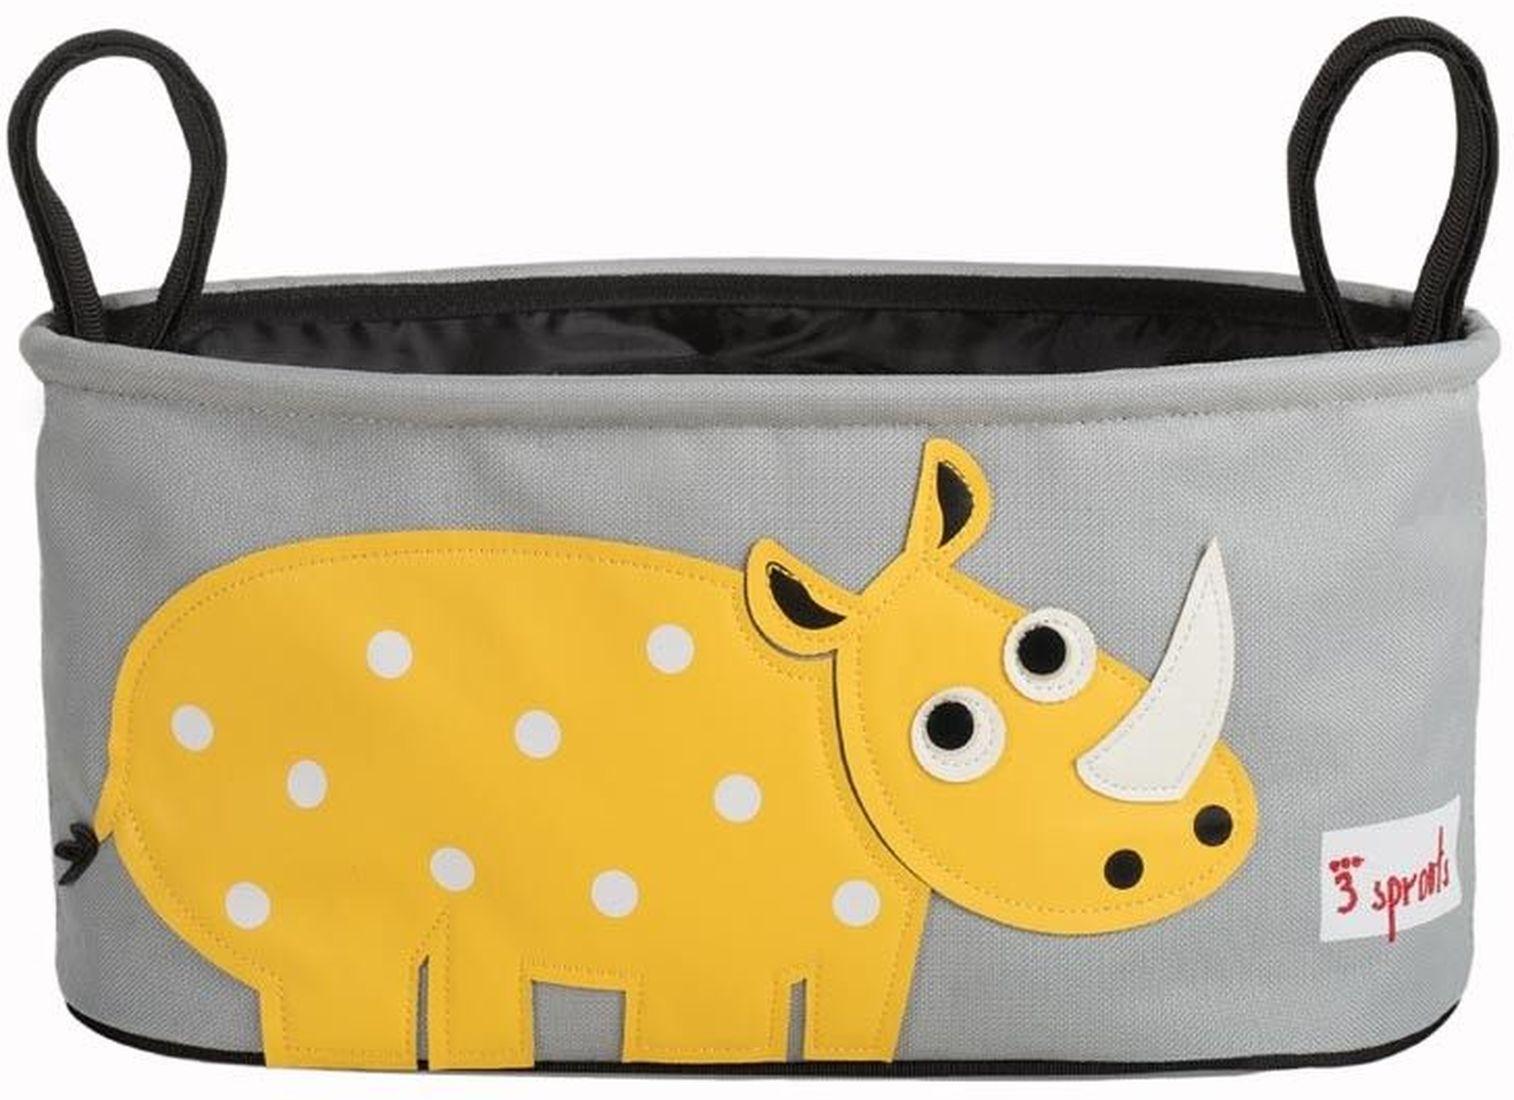 Kinderwagentasche Nashorn 3 Sprouts - Kleine Fabriek | 728 x 529 jpeg 61kB